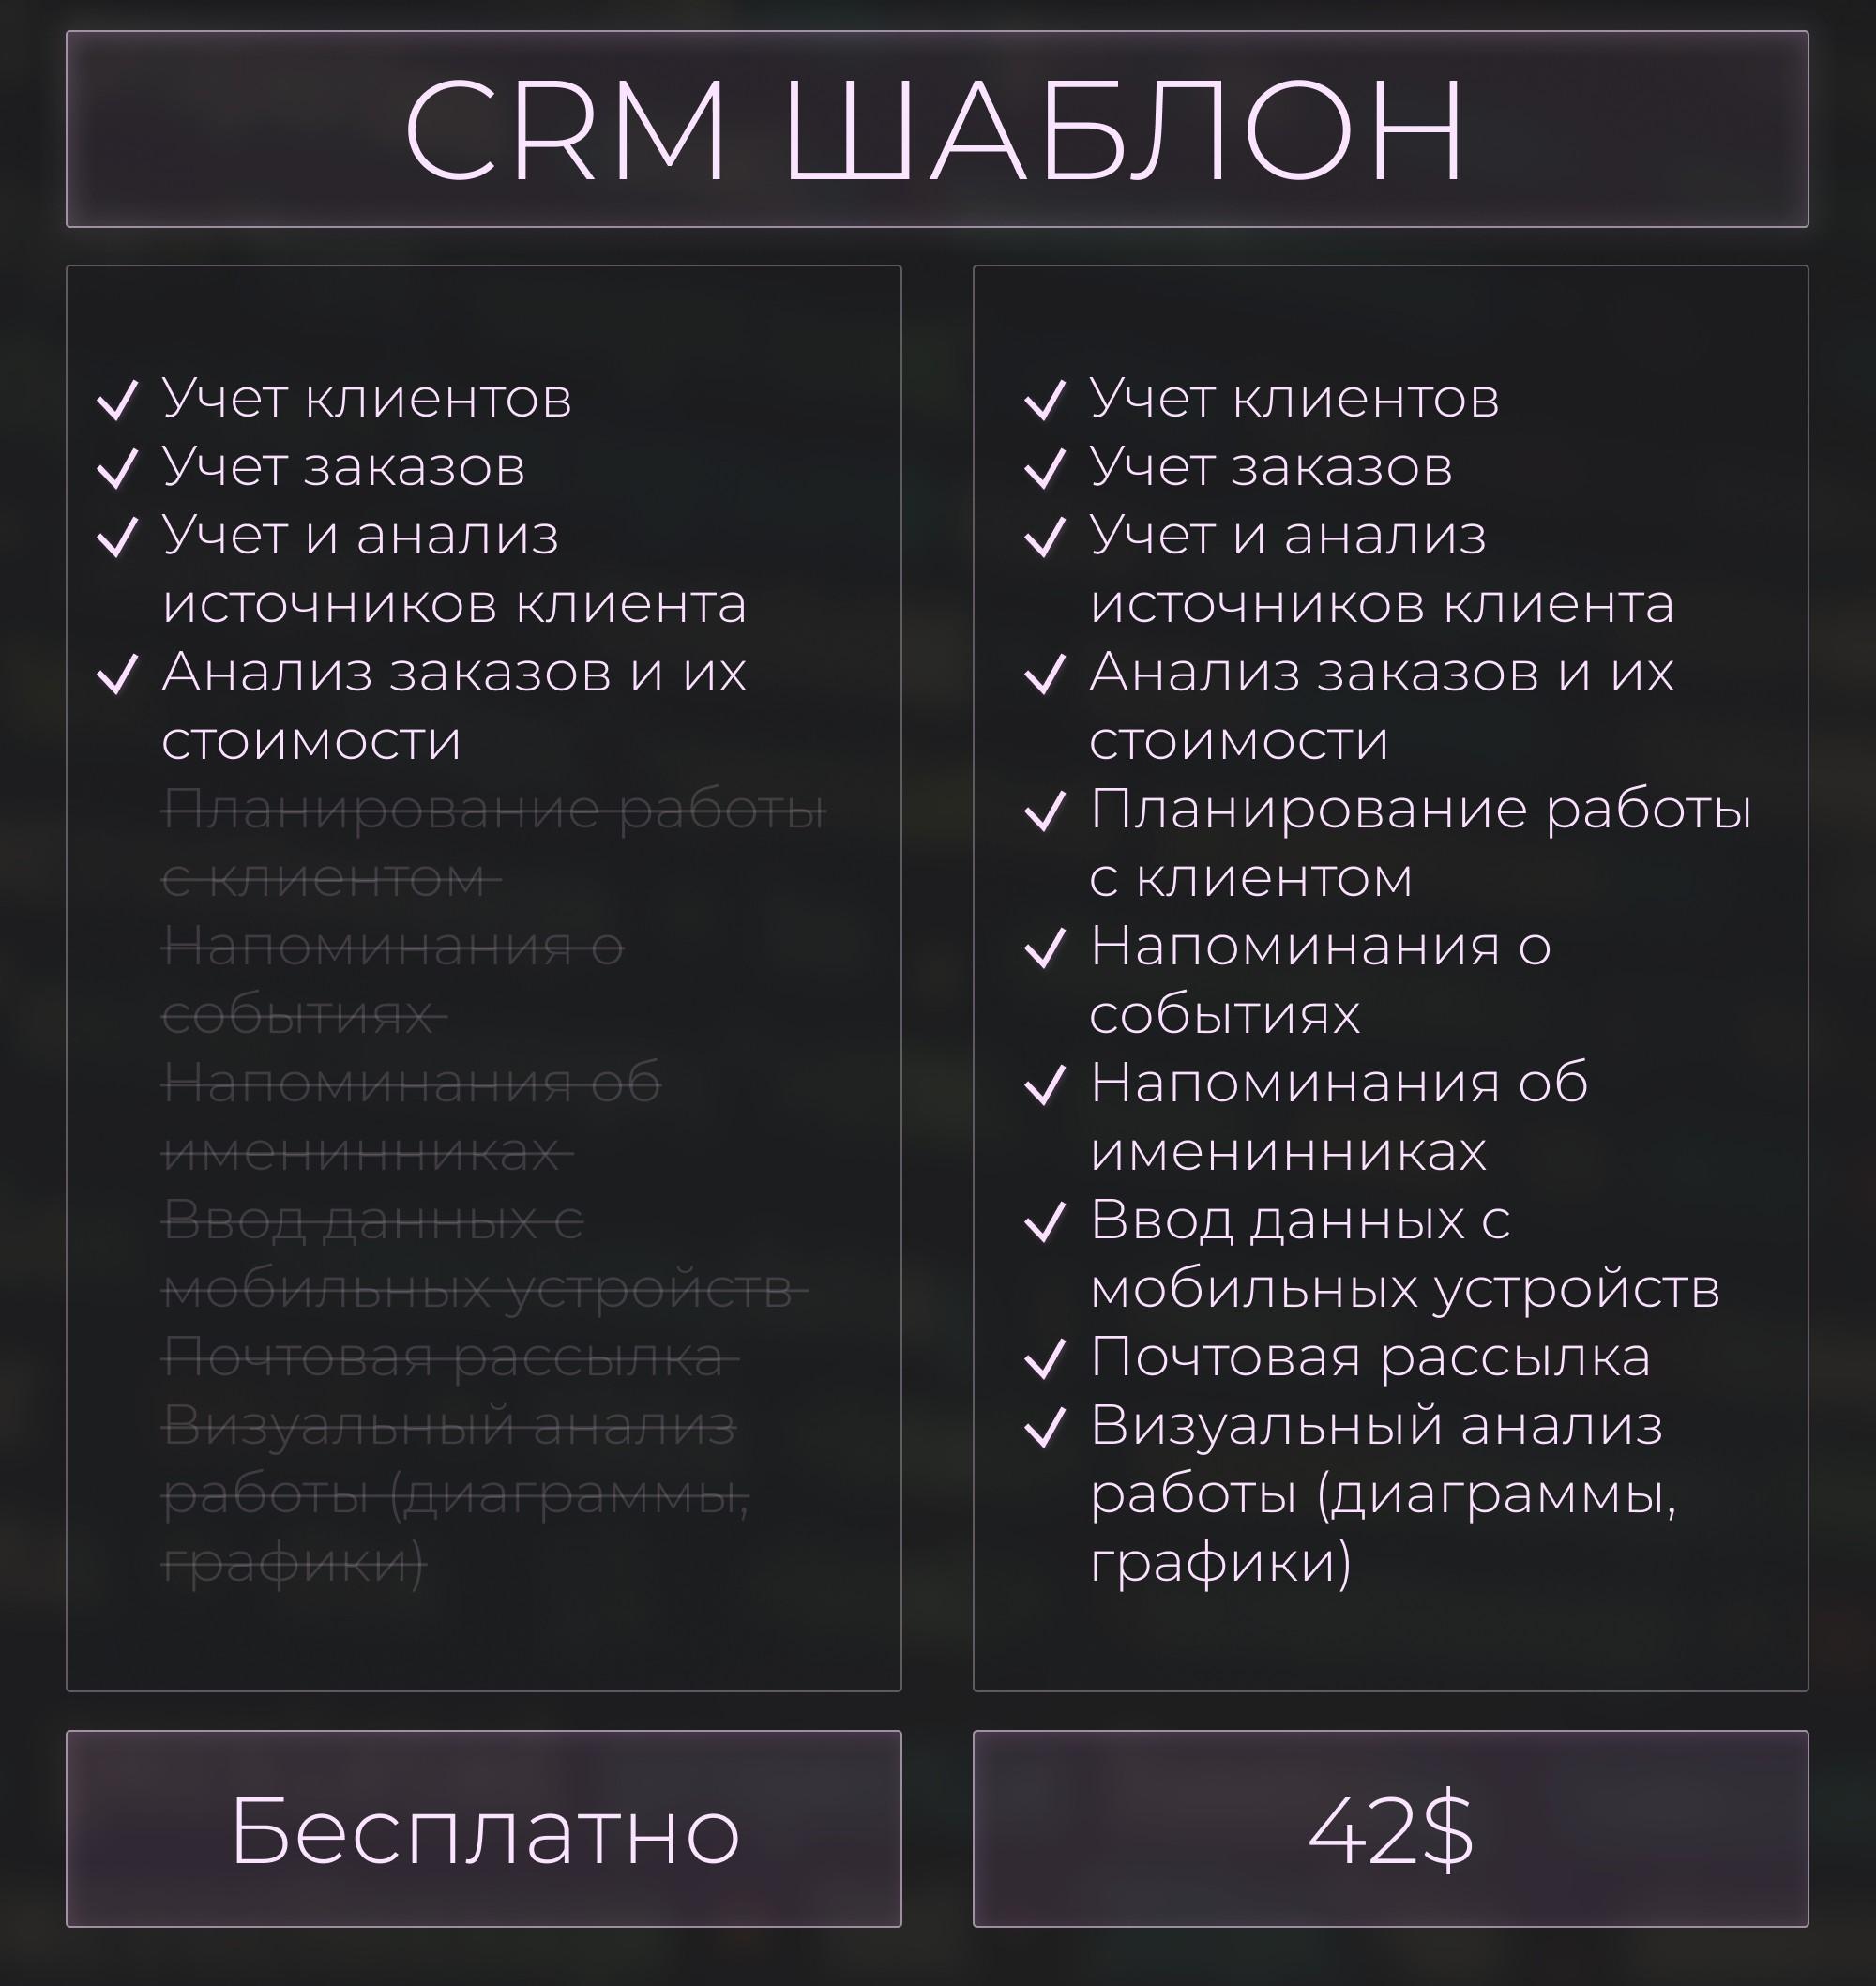 Сравнение СРМ таблицы бесплатной и платной версии